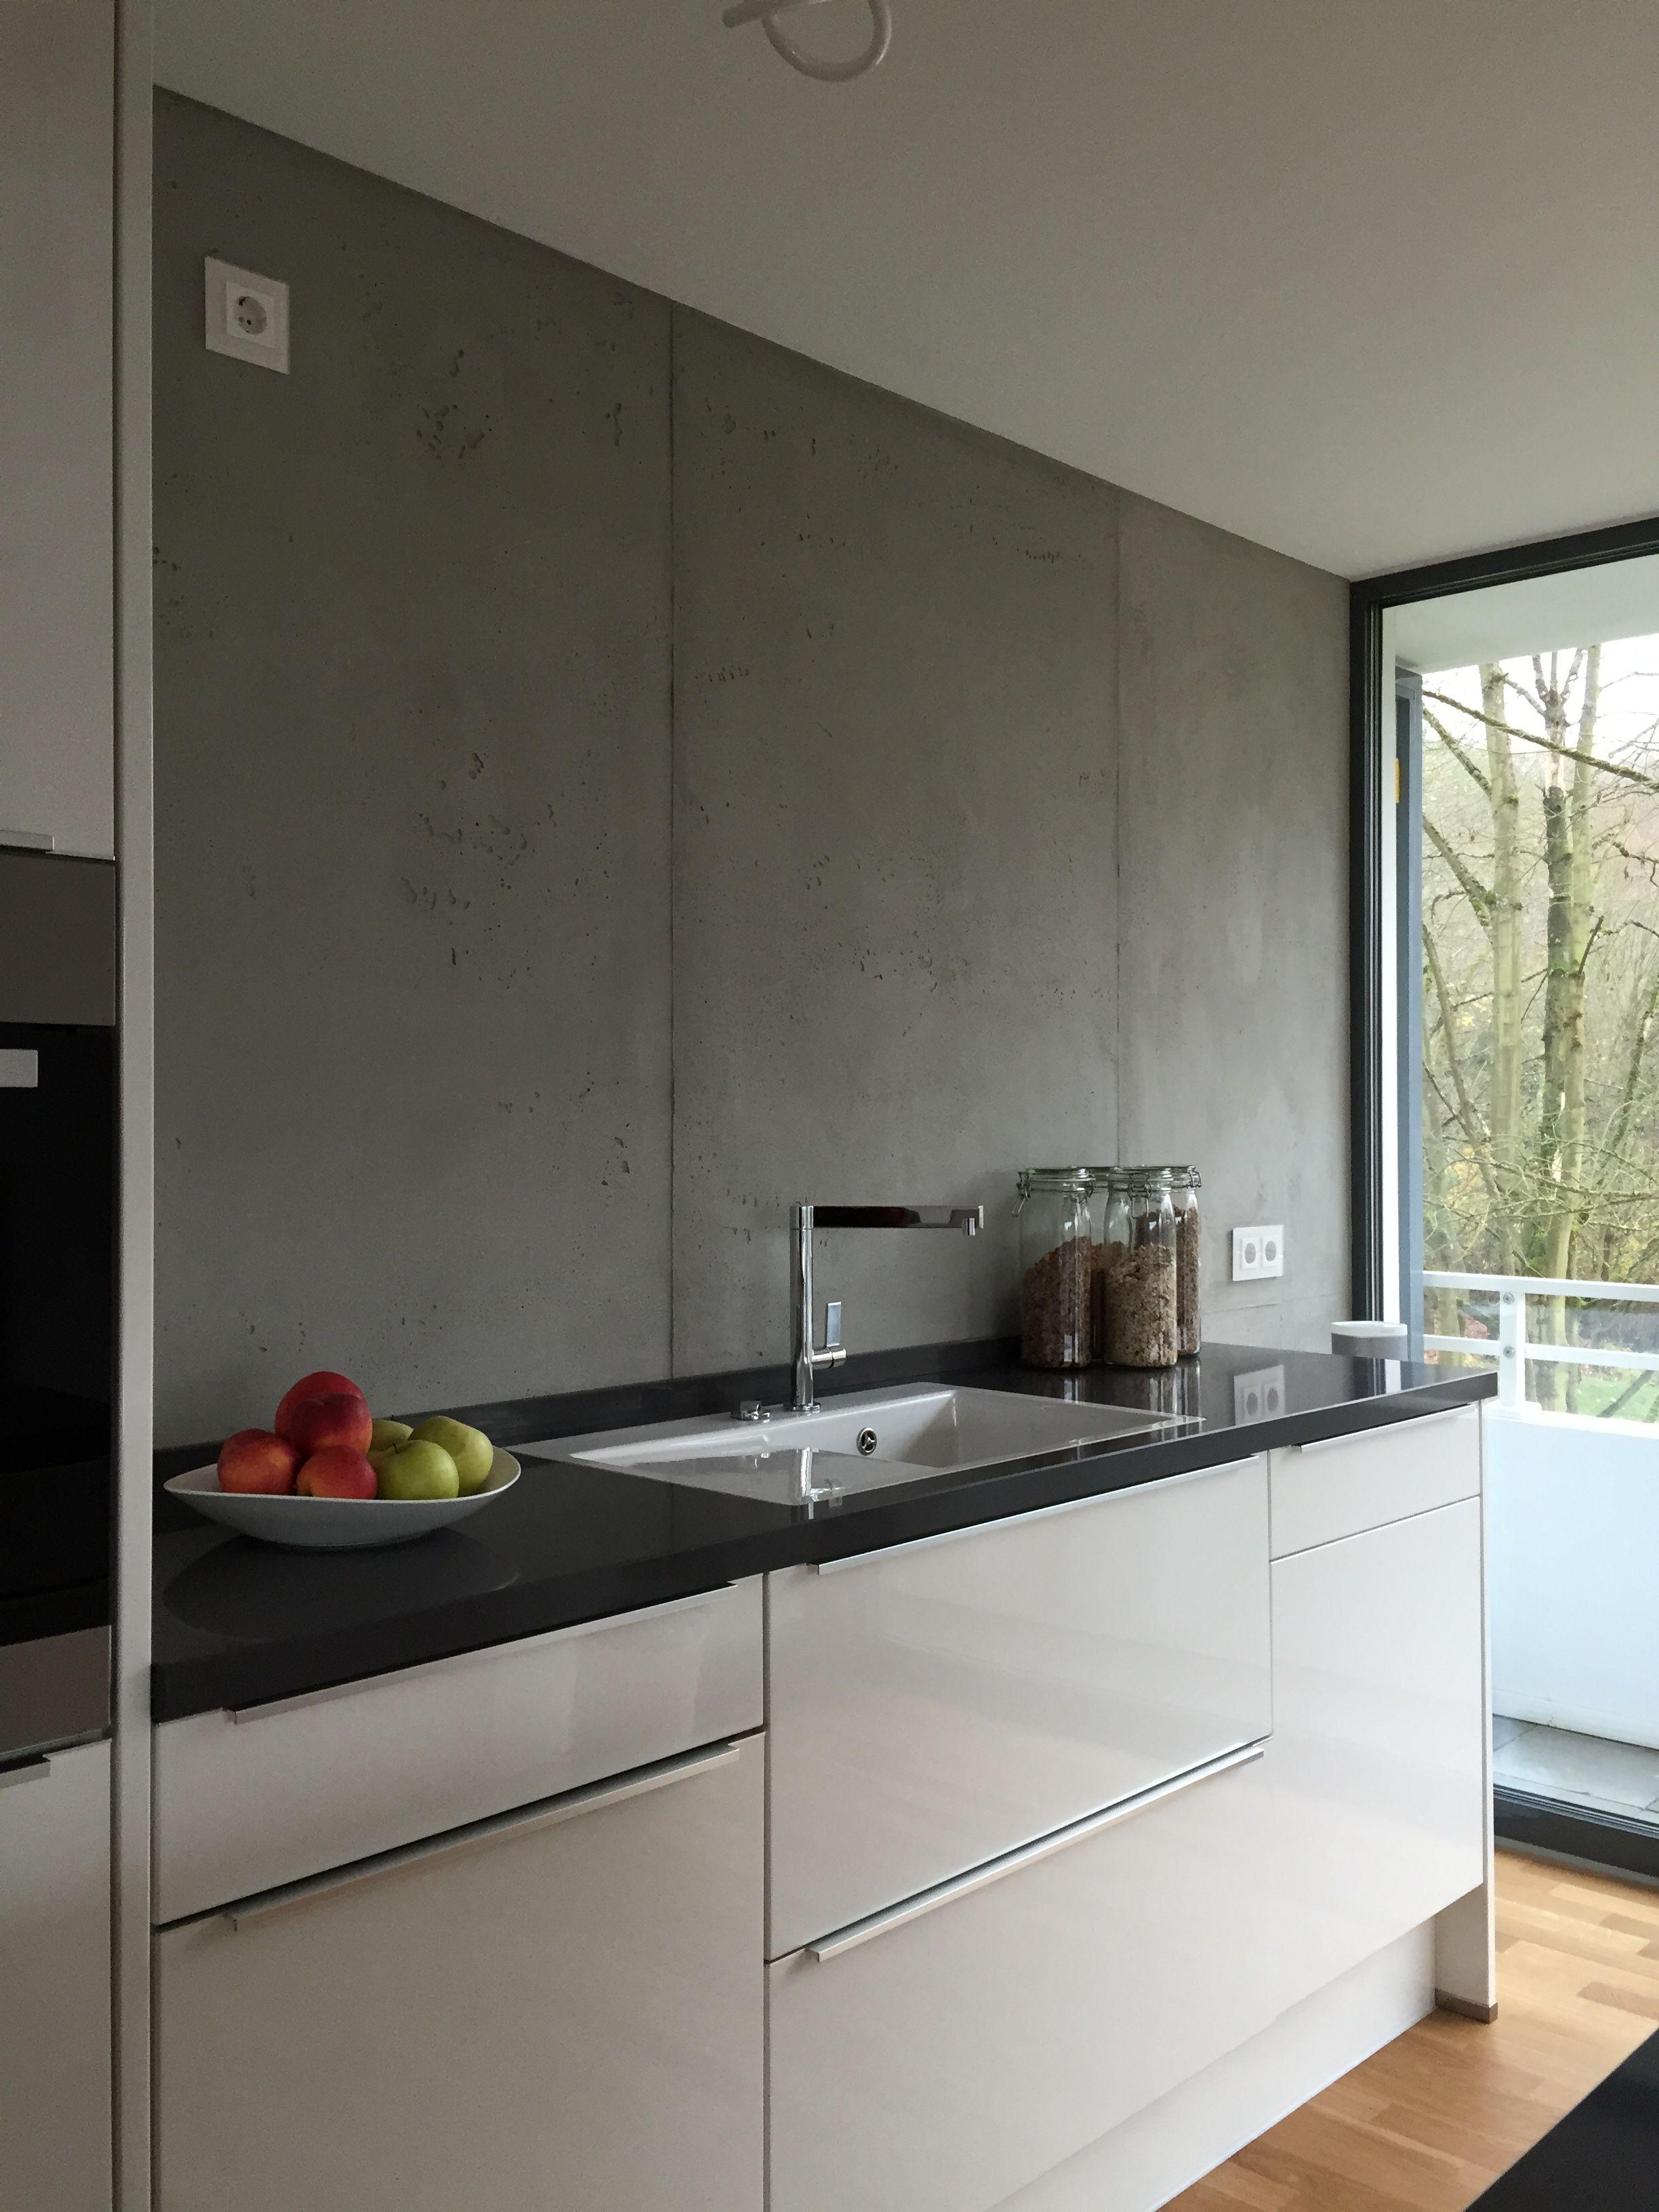 betonoptik die trendige wandgestaltung. Black Bedroom Furniture Sets. Home Design Ideas